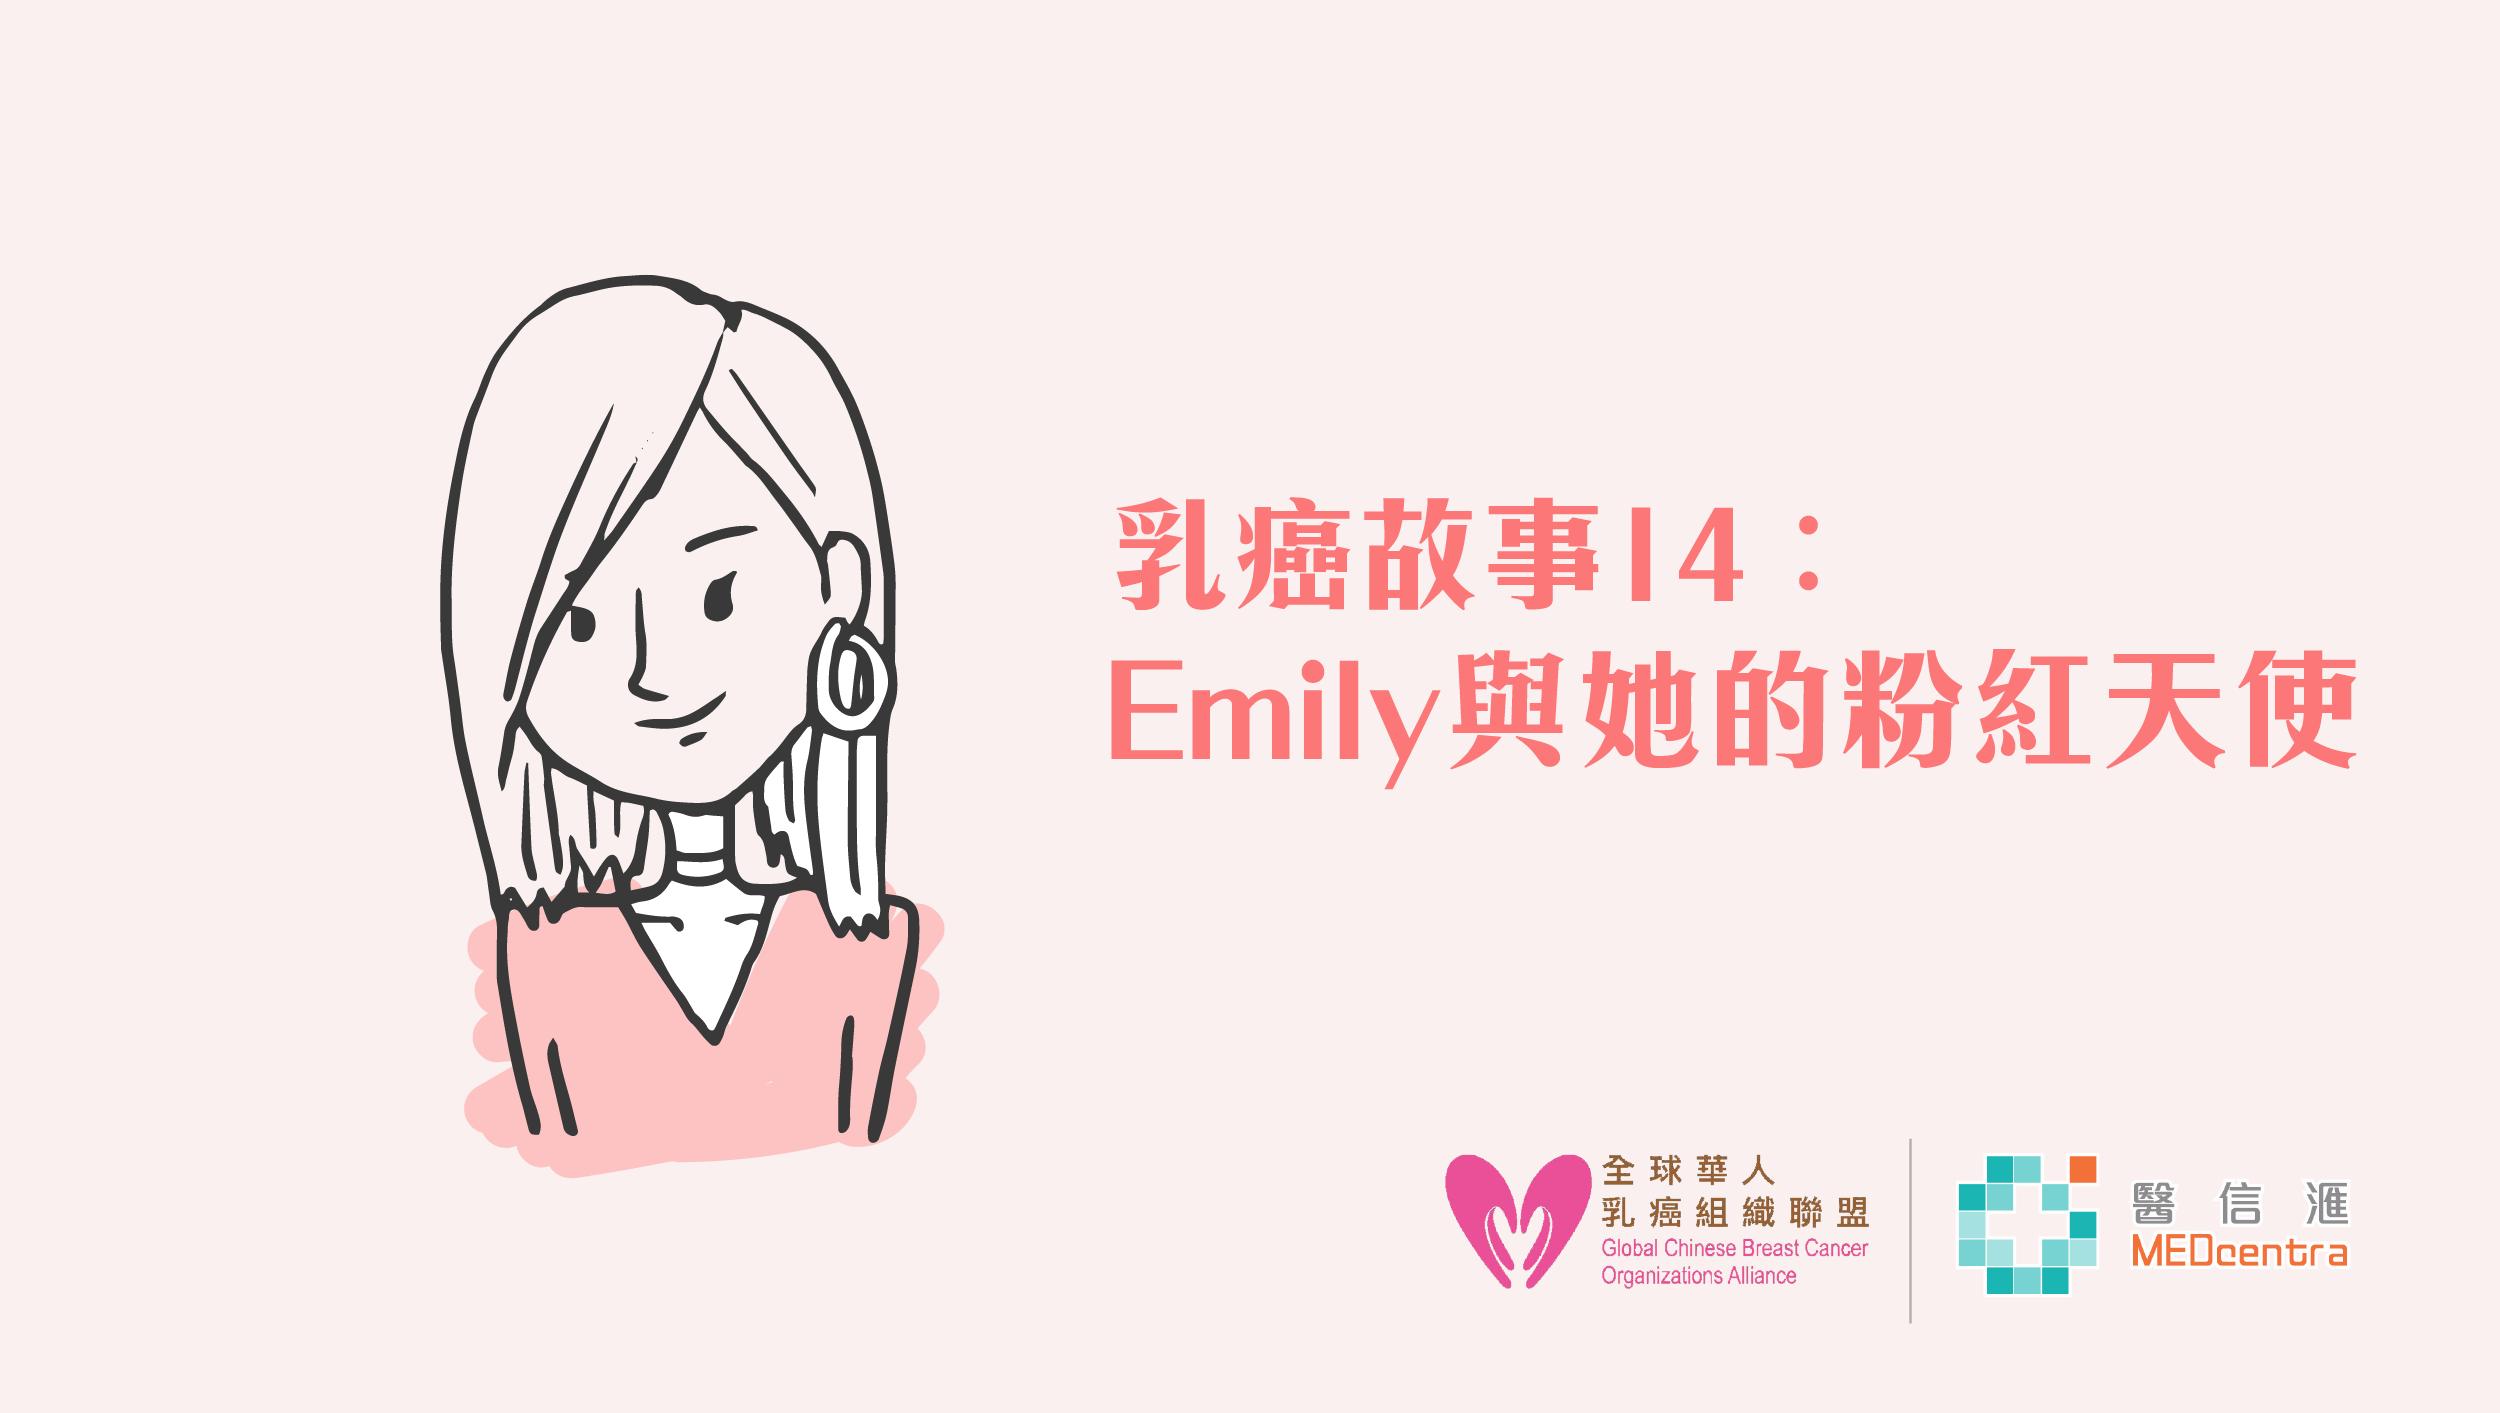 乳癌故事14 – 媽媽與害羞女孩的問與答